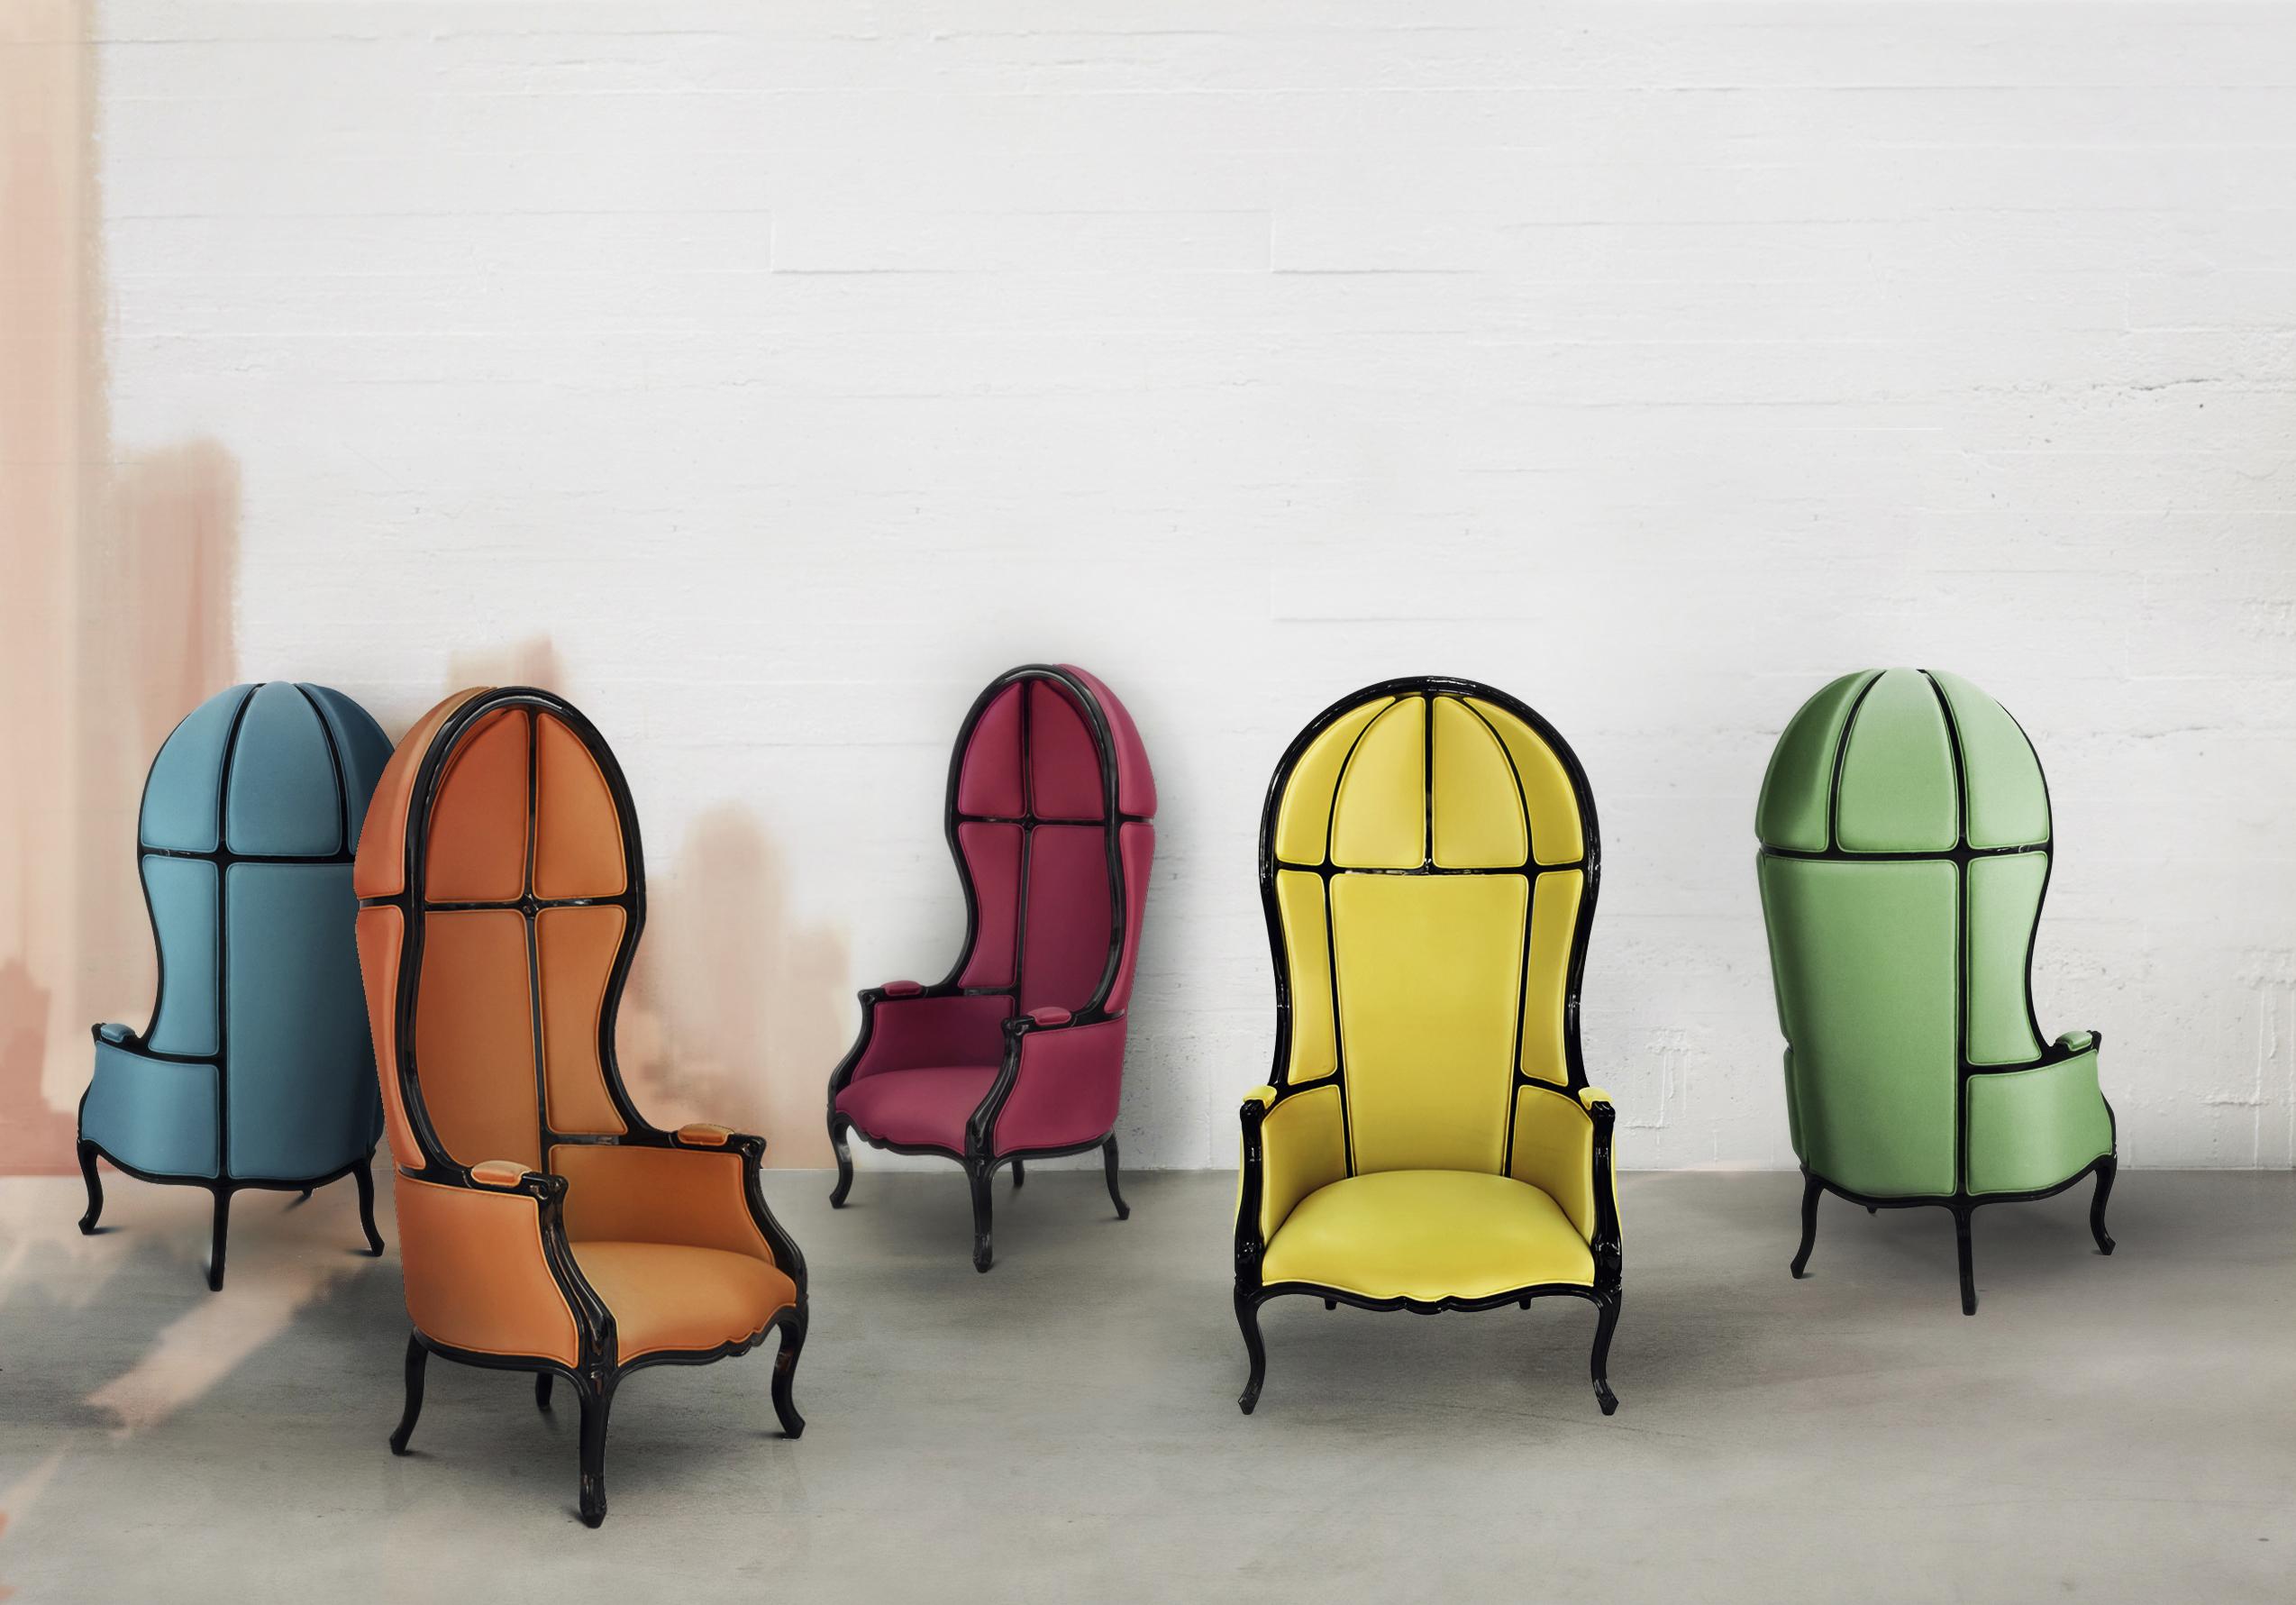 Luxus-Möbel 10 Frühjahr Luxus-Möbel für Wohnzimmer brabbu ambience press 34 HR